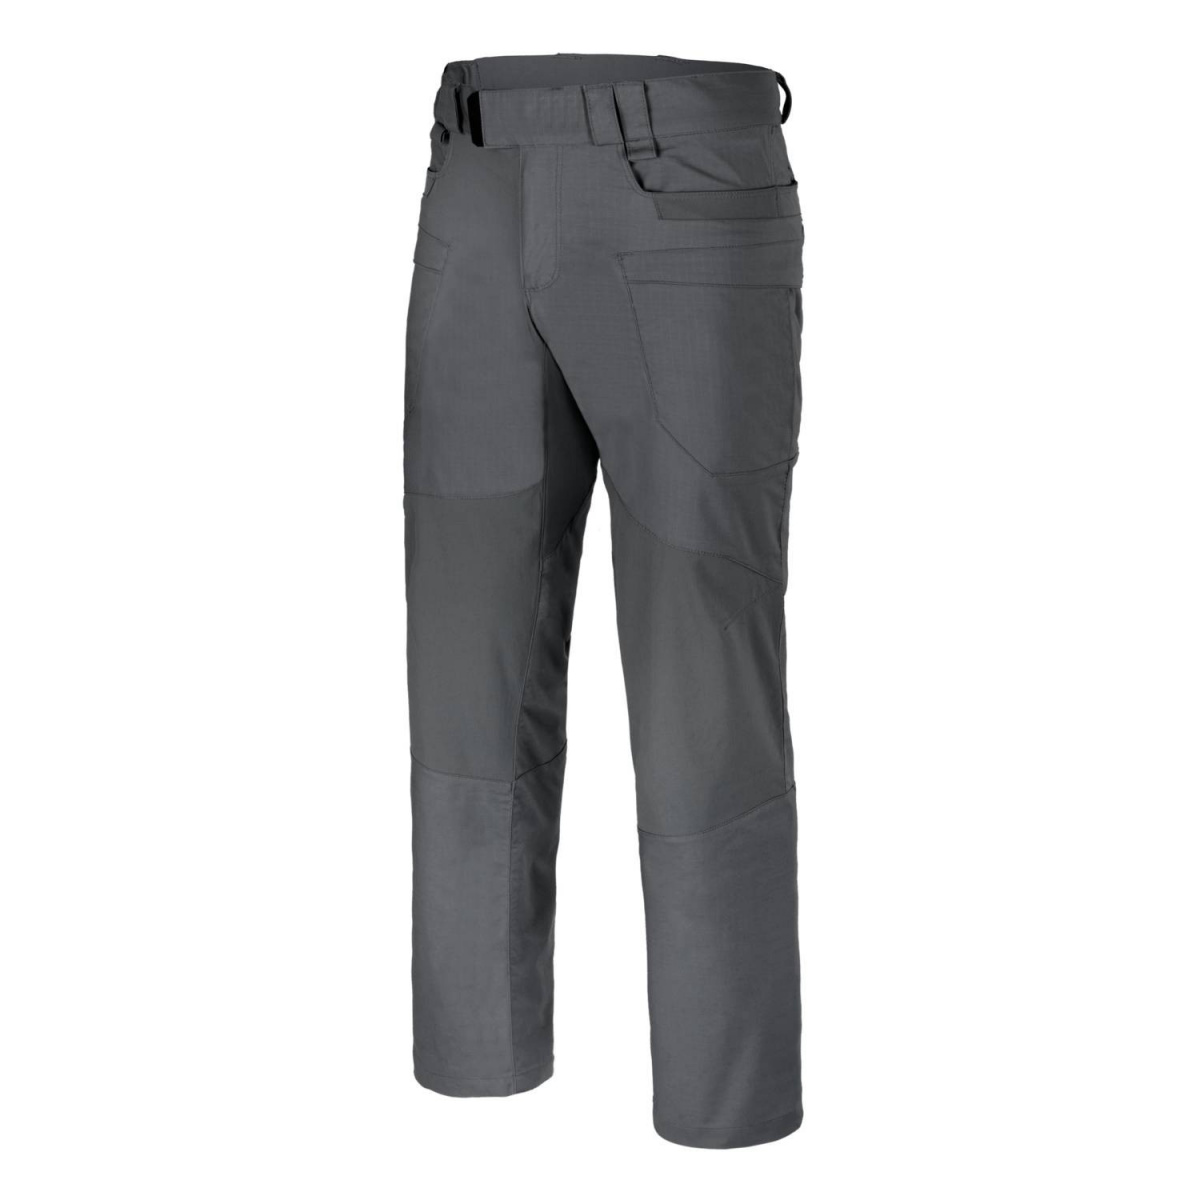 Kalhoty HYBRID TACTICAL SHADOW GREY - zvìtšit obrázek